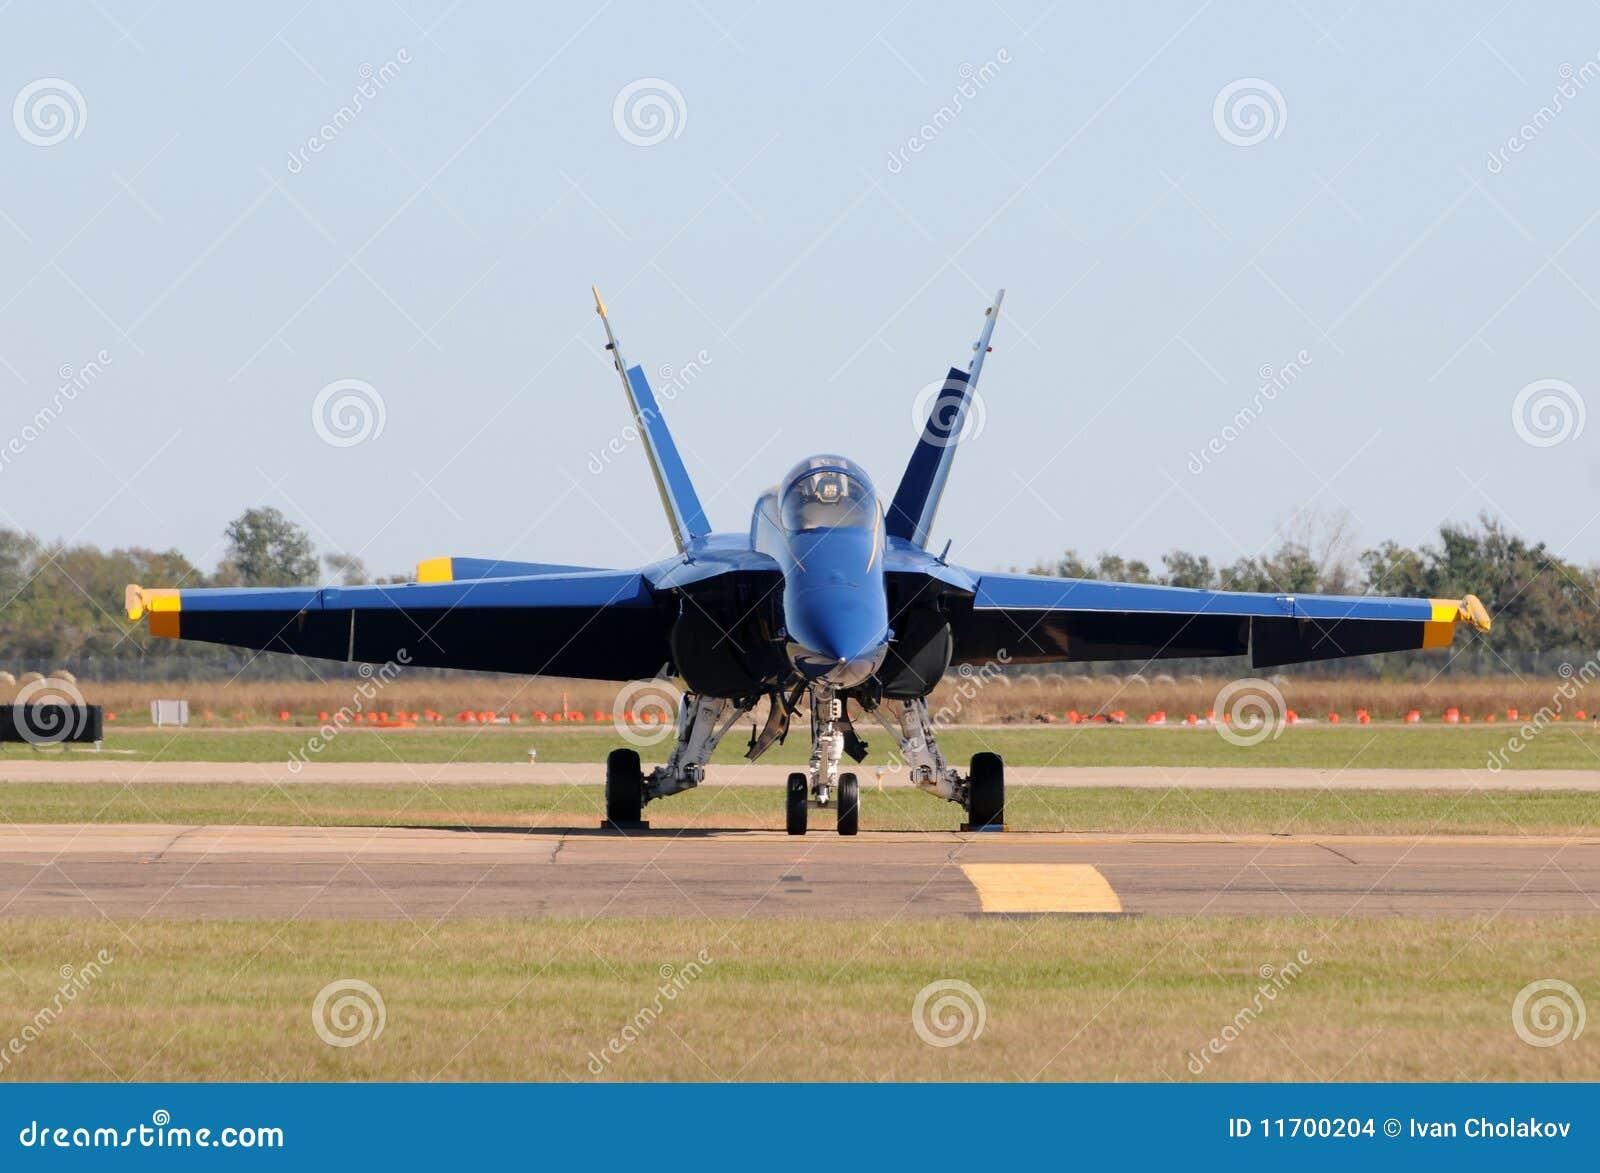 Aereo Da Caccia Gta 5 : Vista frontale dell aereo da caccia moderno fotografia